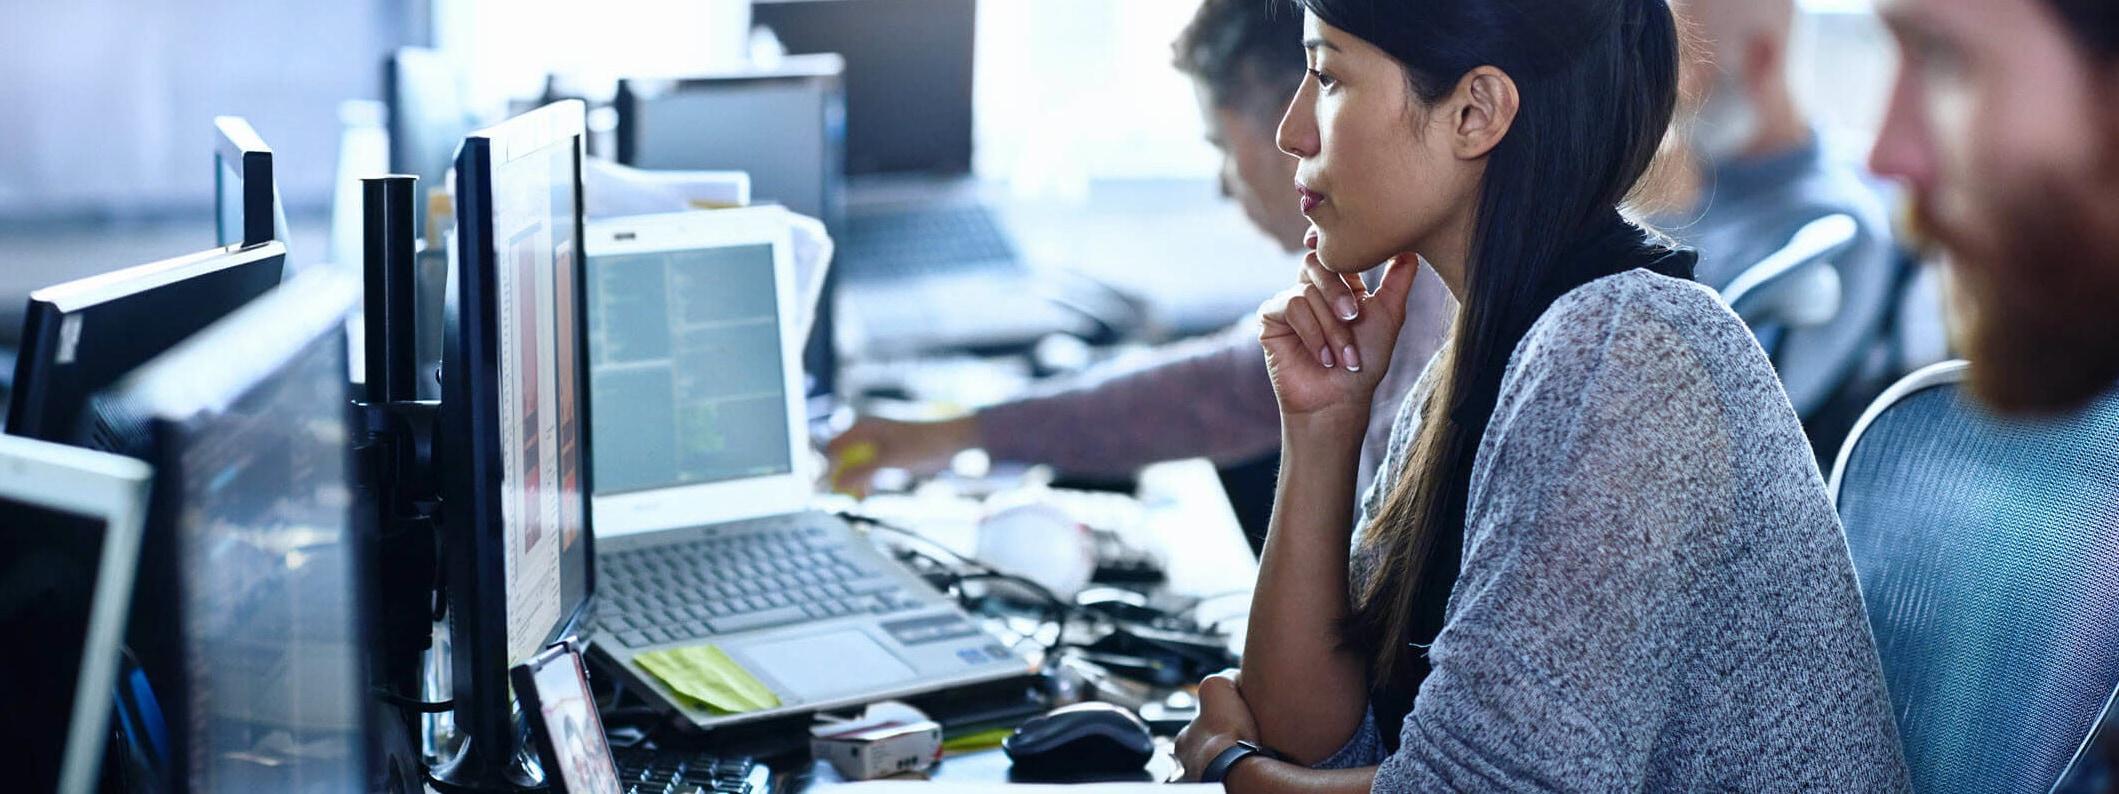 Woman in open office studies monitor.